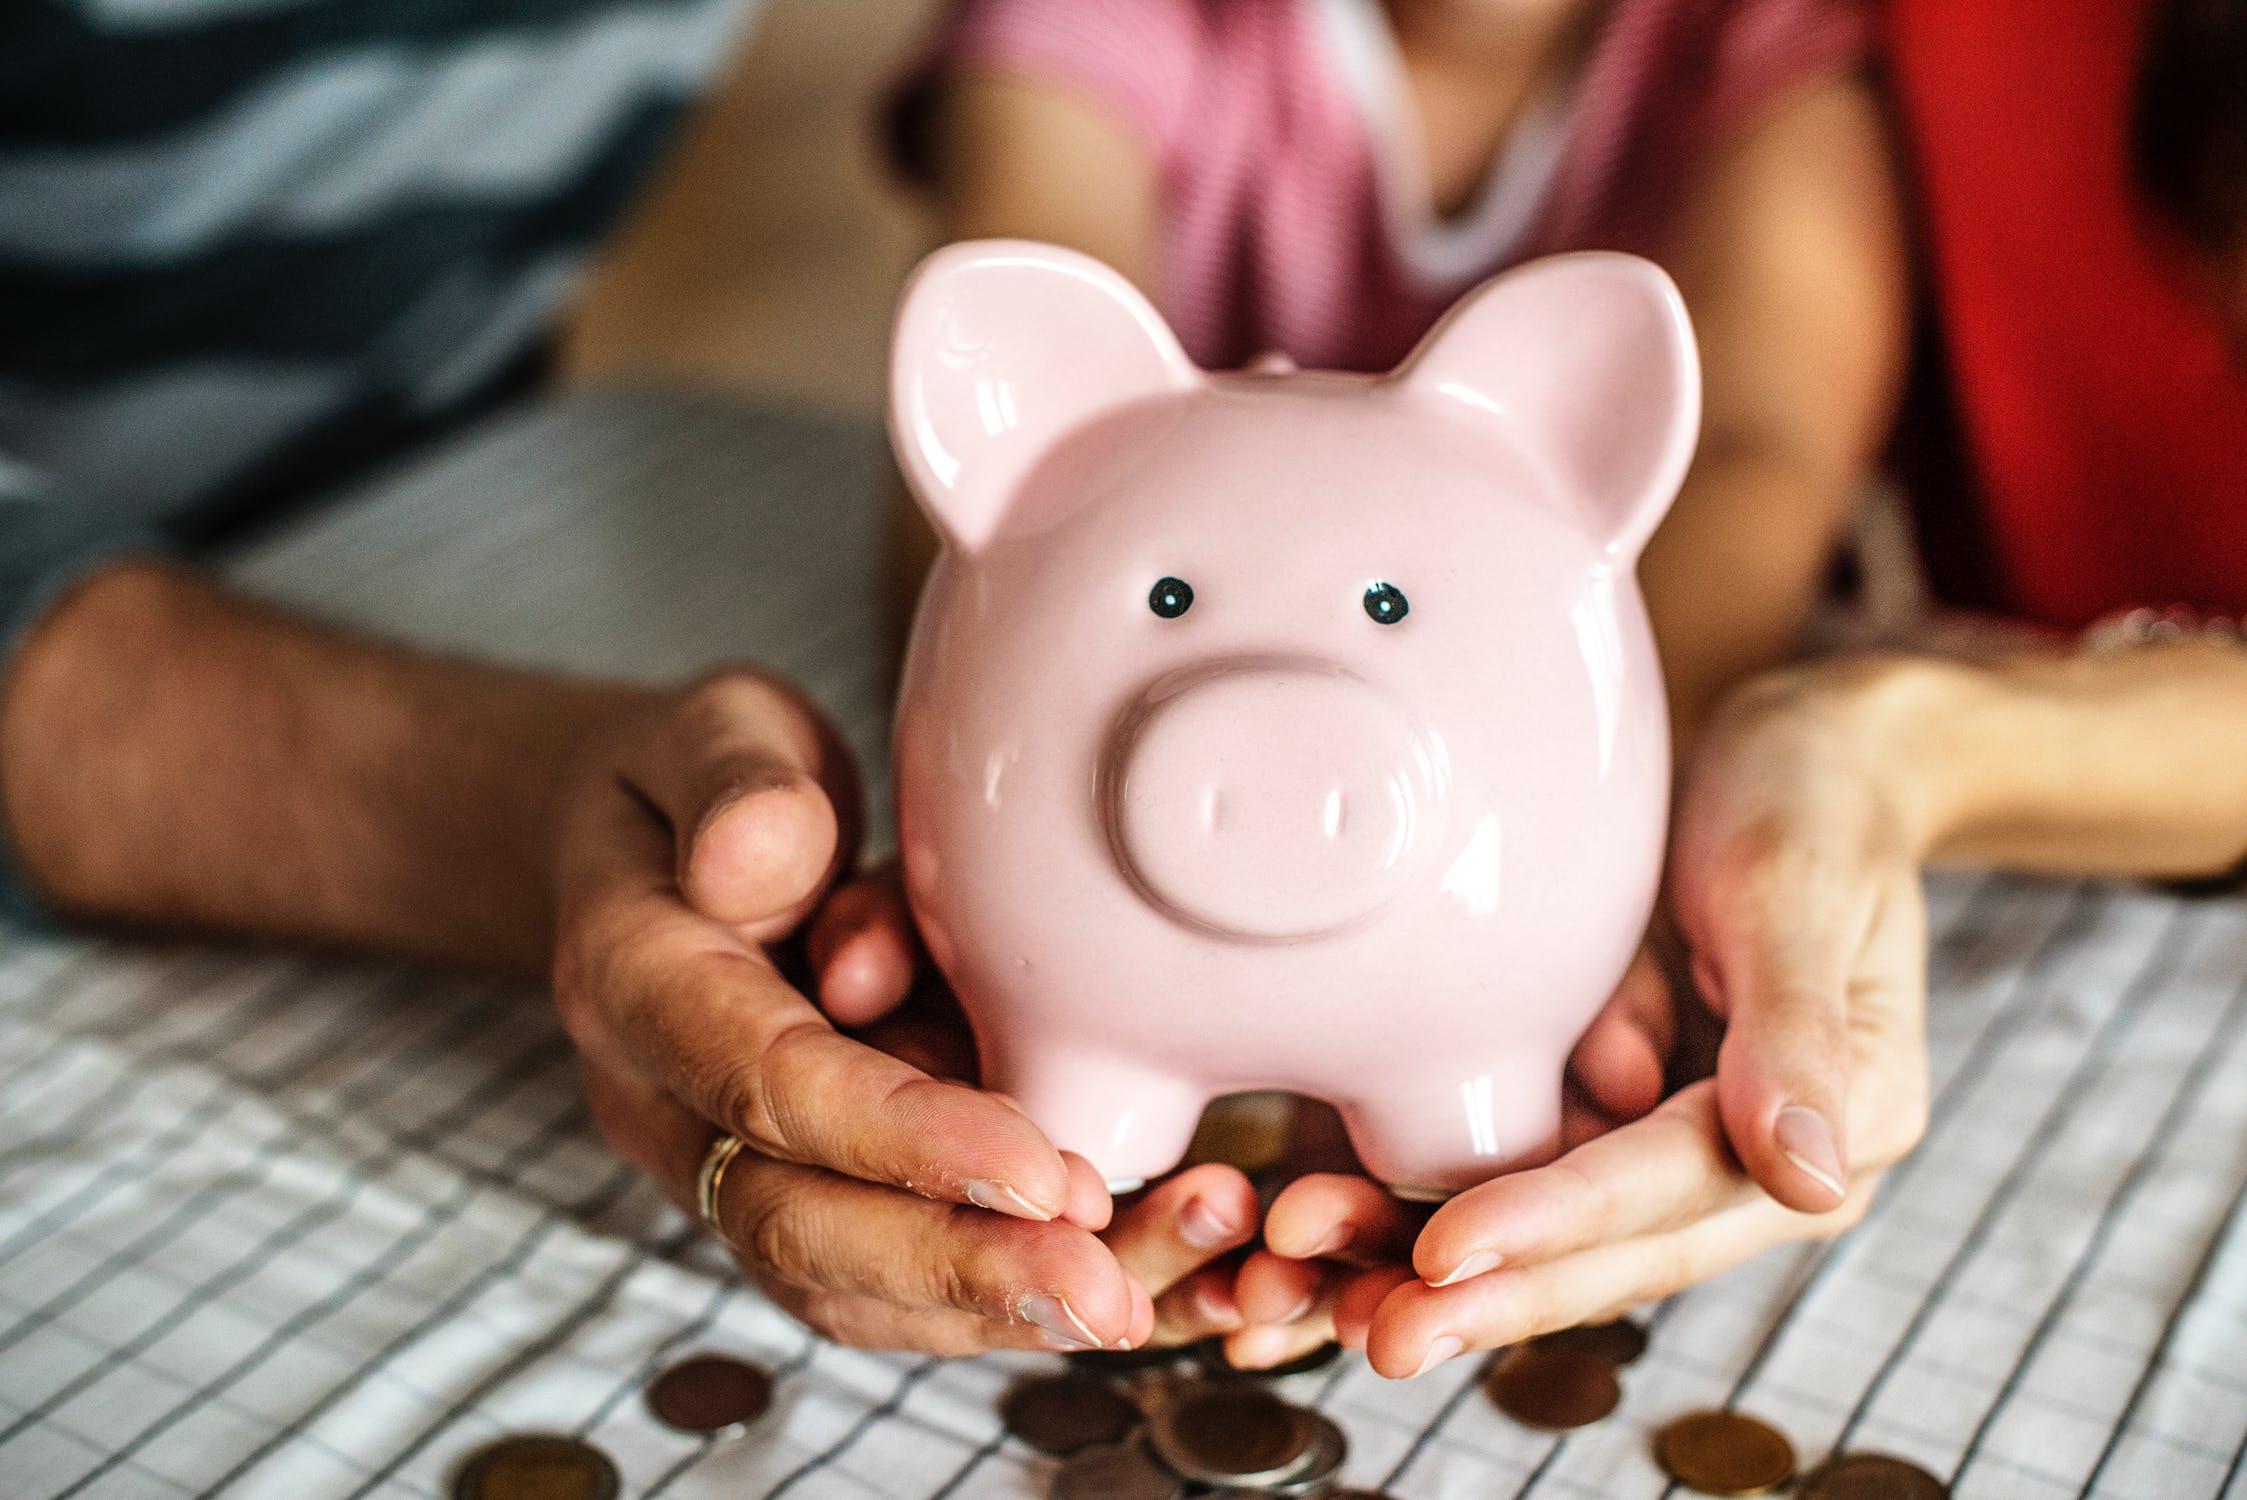 kā jūs varat nopelnīt naudu mūsu laikā